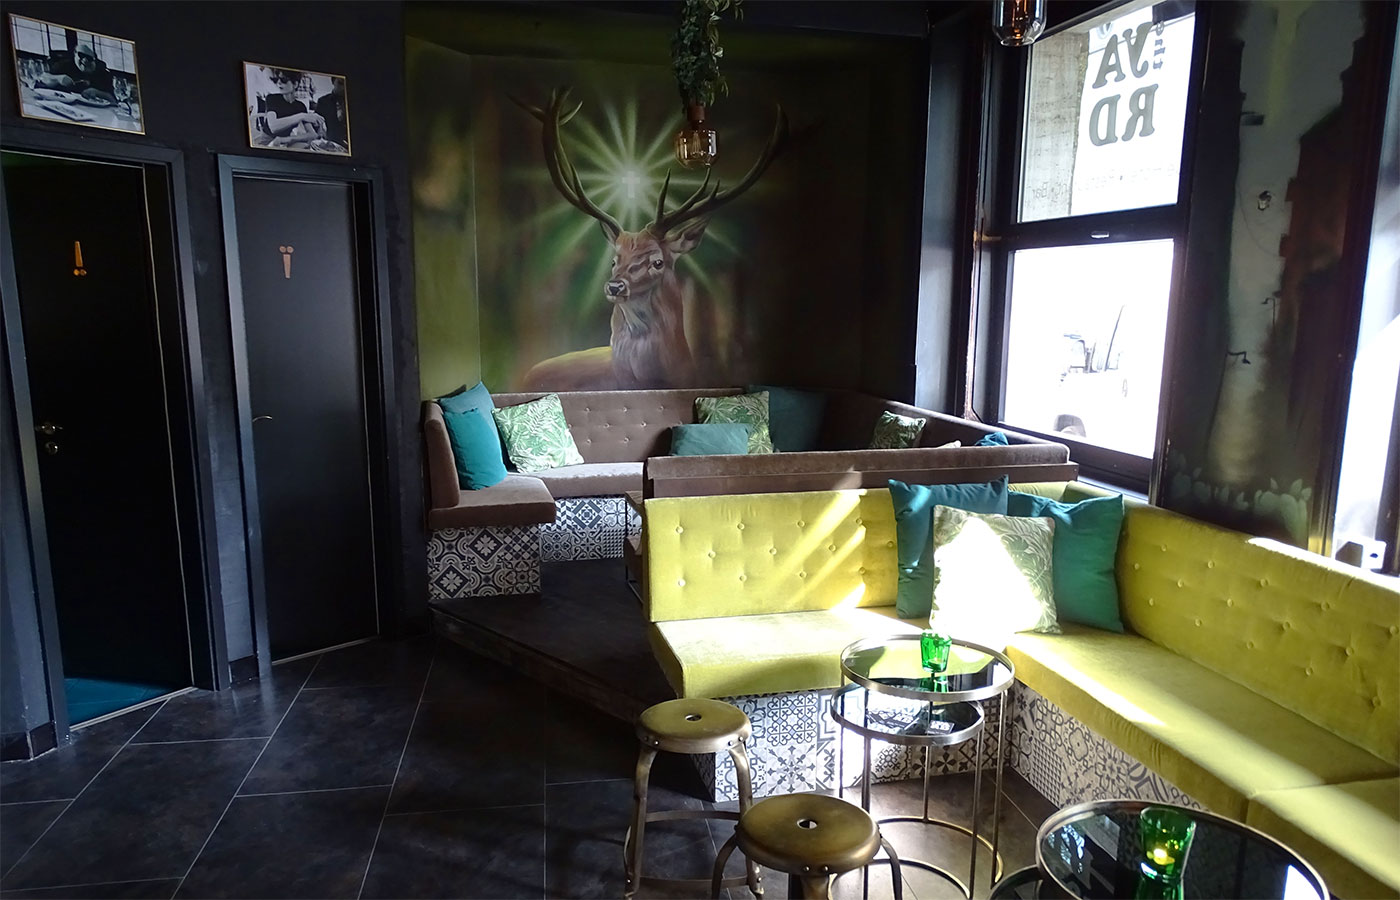 The Yard Bar & Restaurant